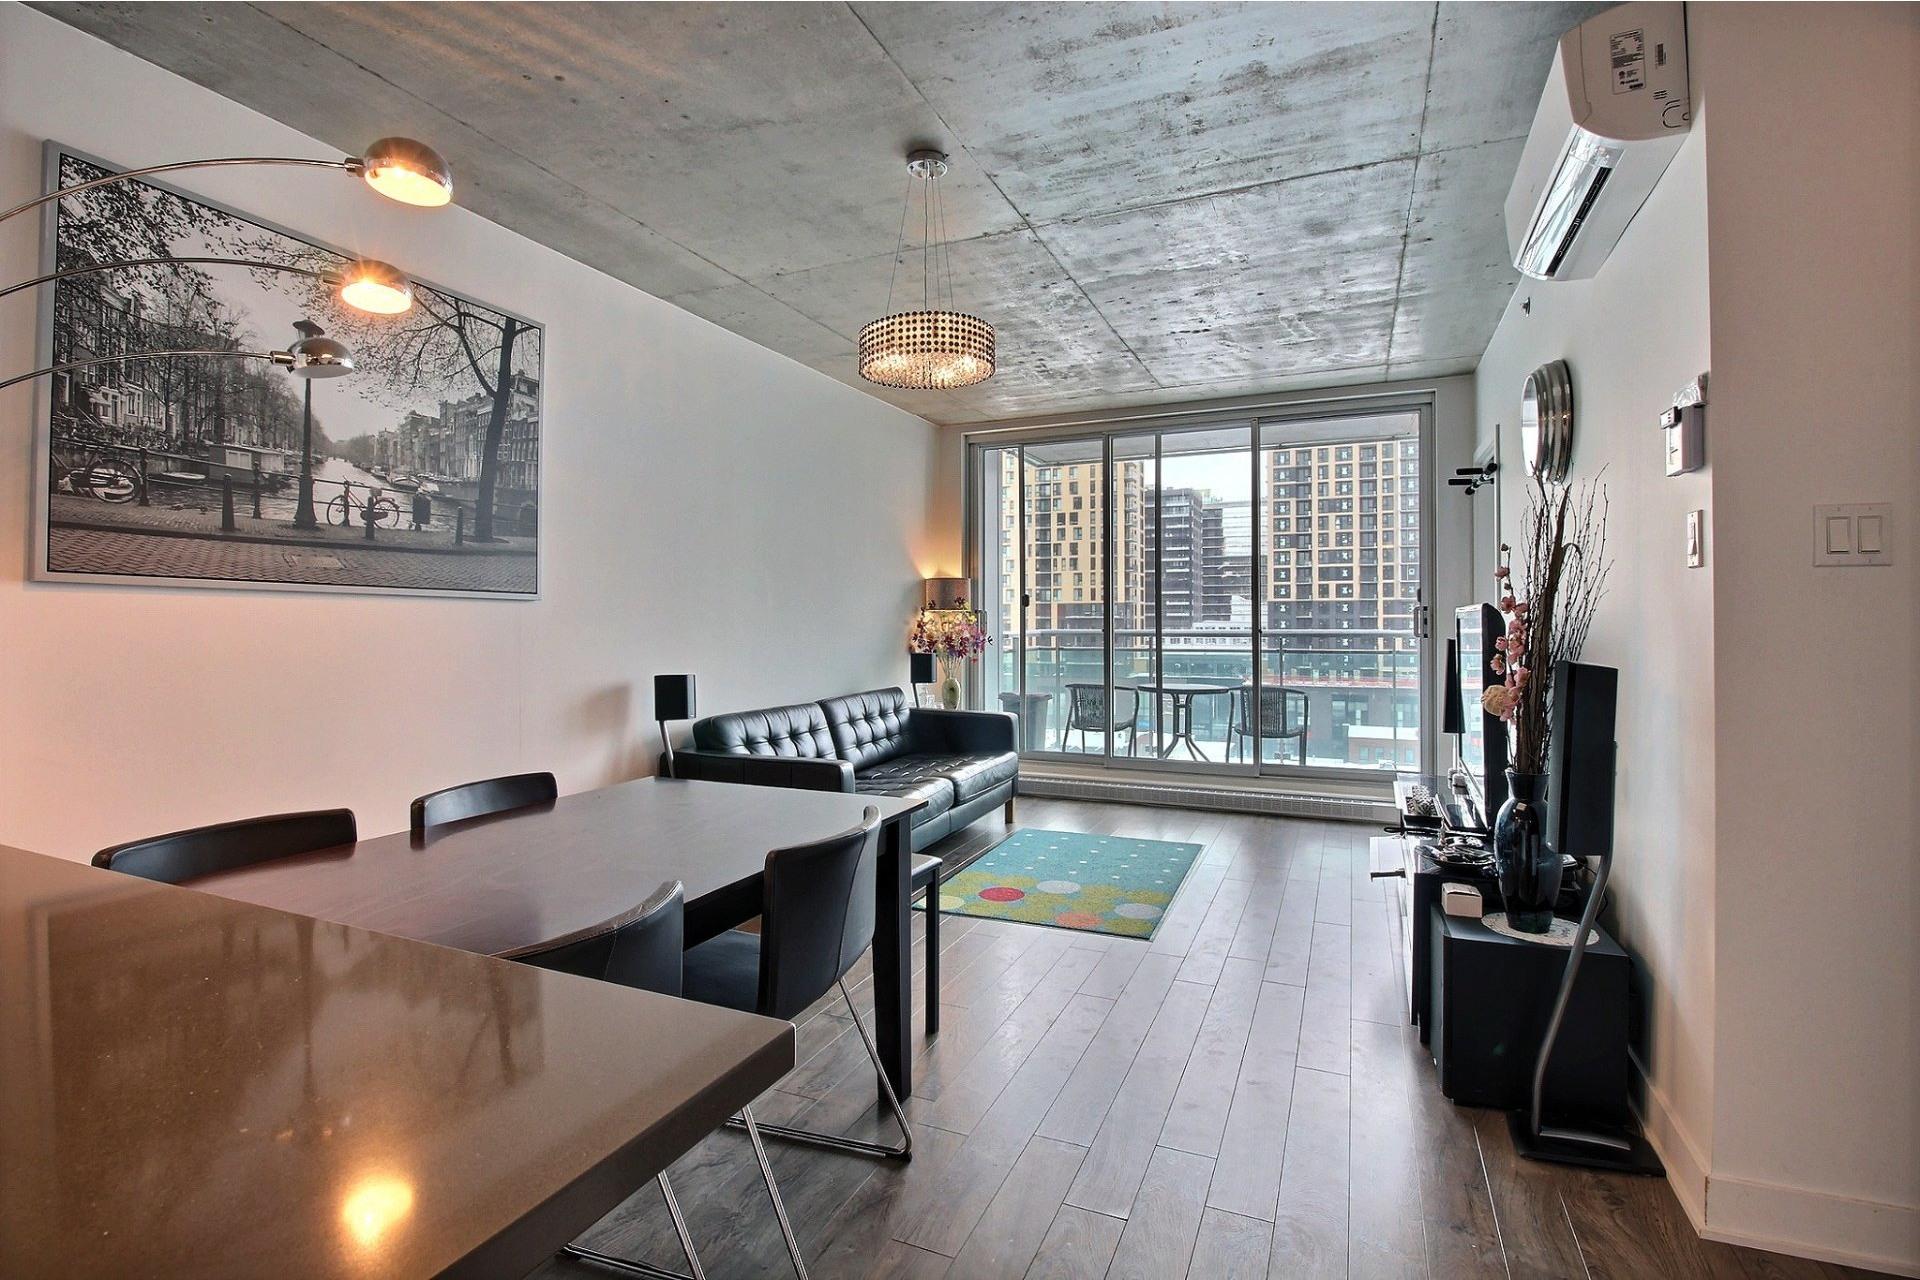 image 6 - Apartment For rent Montréal Le Sud-Ouest  - 6 rooms